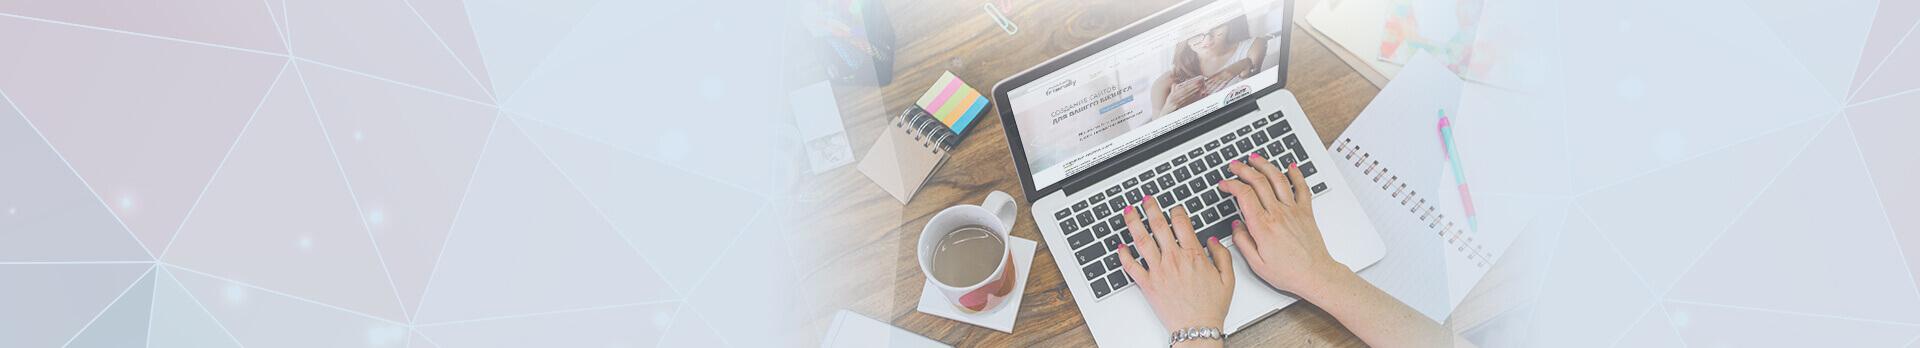 Webstudio Friendly занимается разработкой сайтов в Киеве, история создания и основные принципы работы